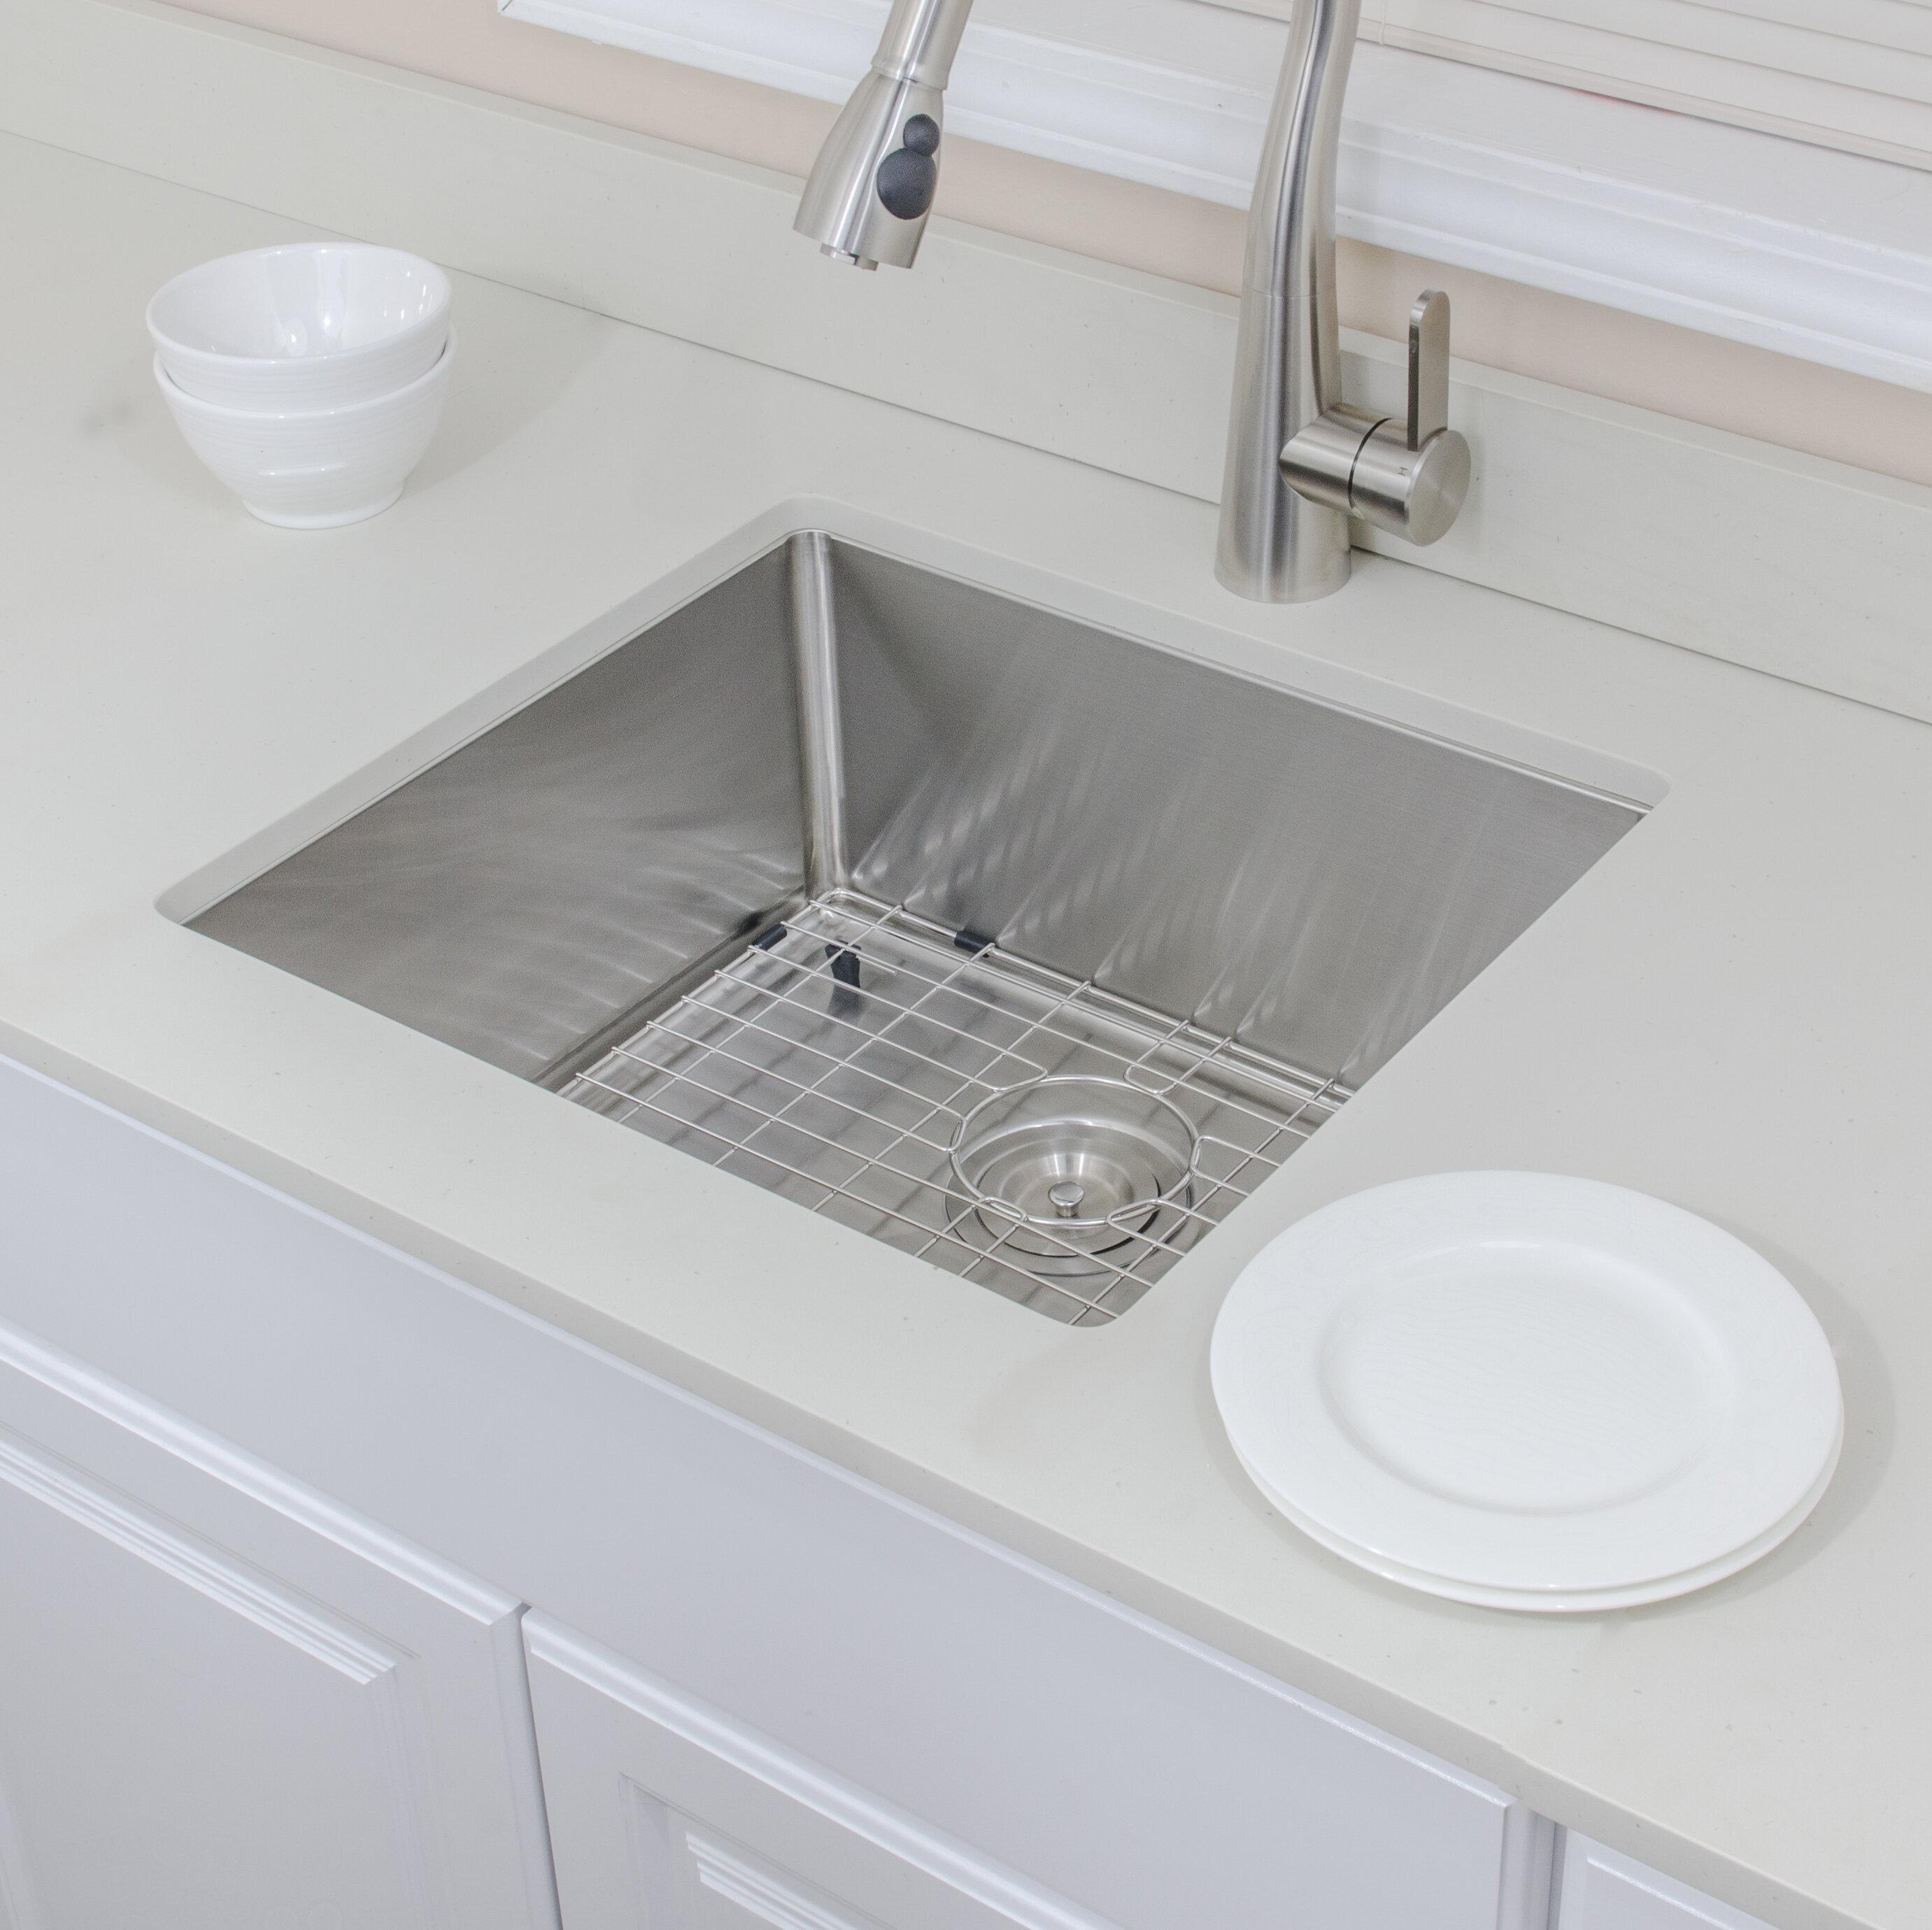 Wells Sinkware Chef S Series 21 L X 19 W Undermount Kitchen Sink With Basket Strainer And Grid Wayfair